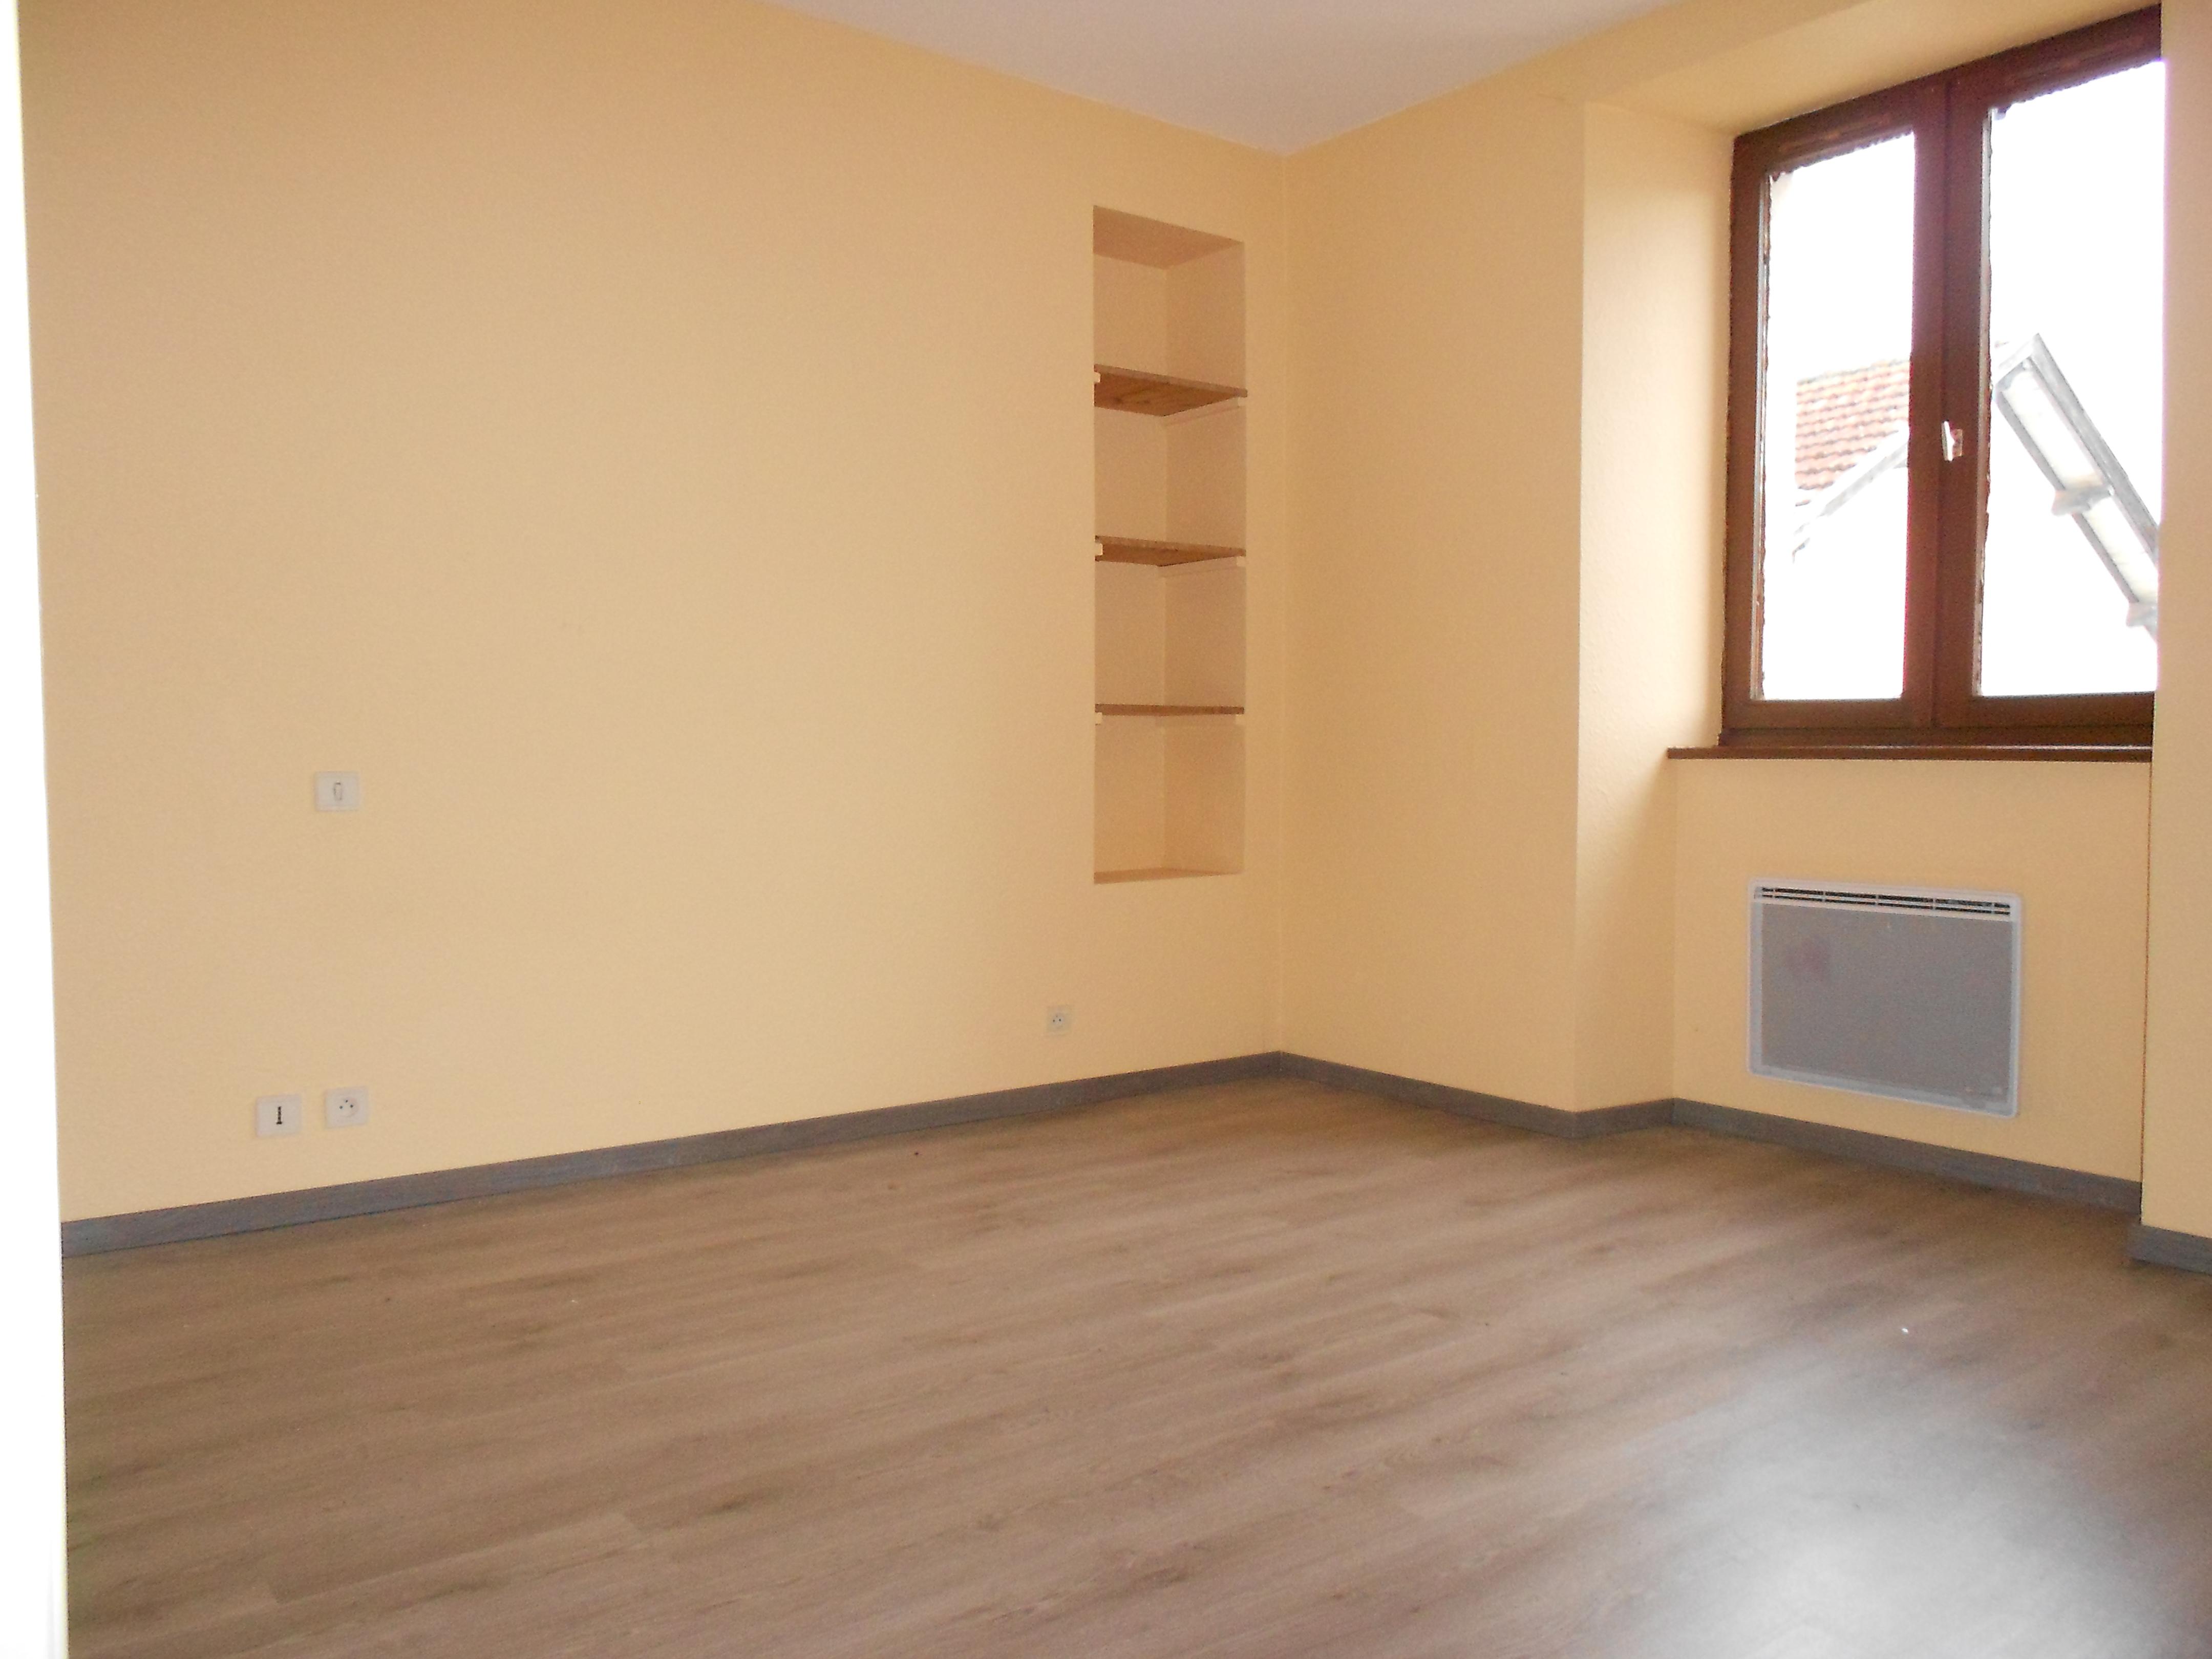 Appartement T3 Capdenac centre ville